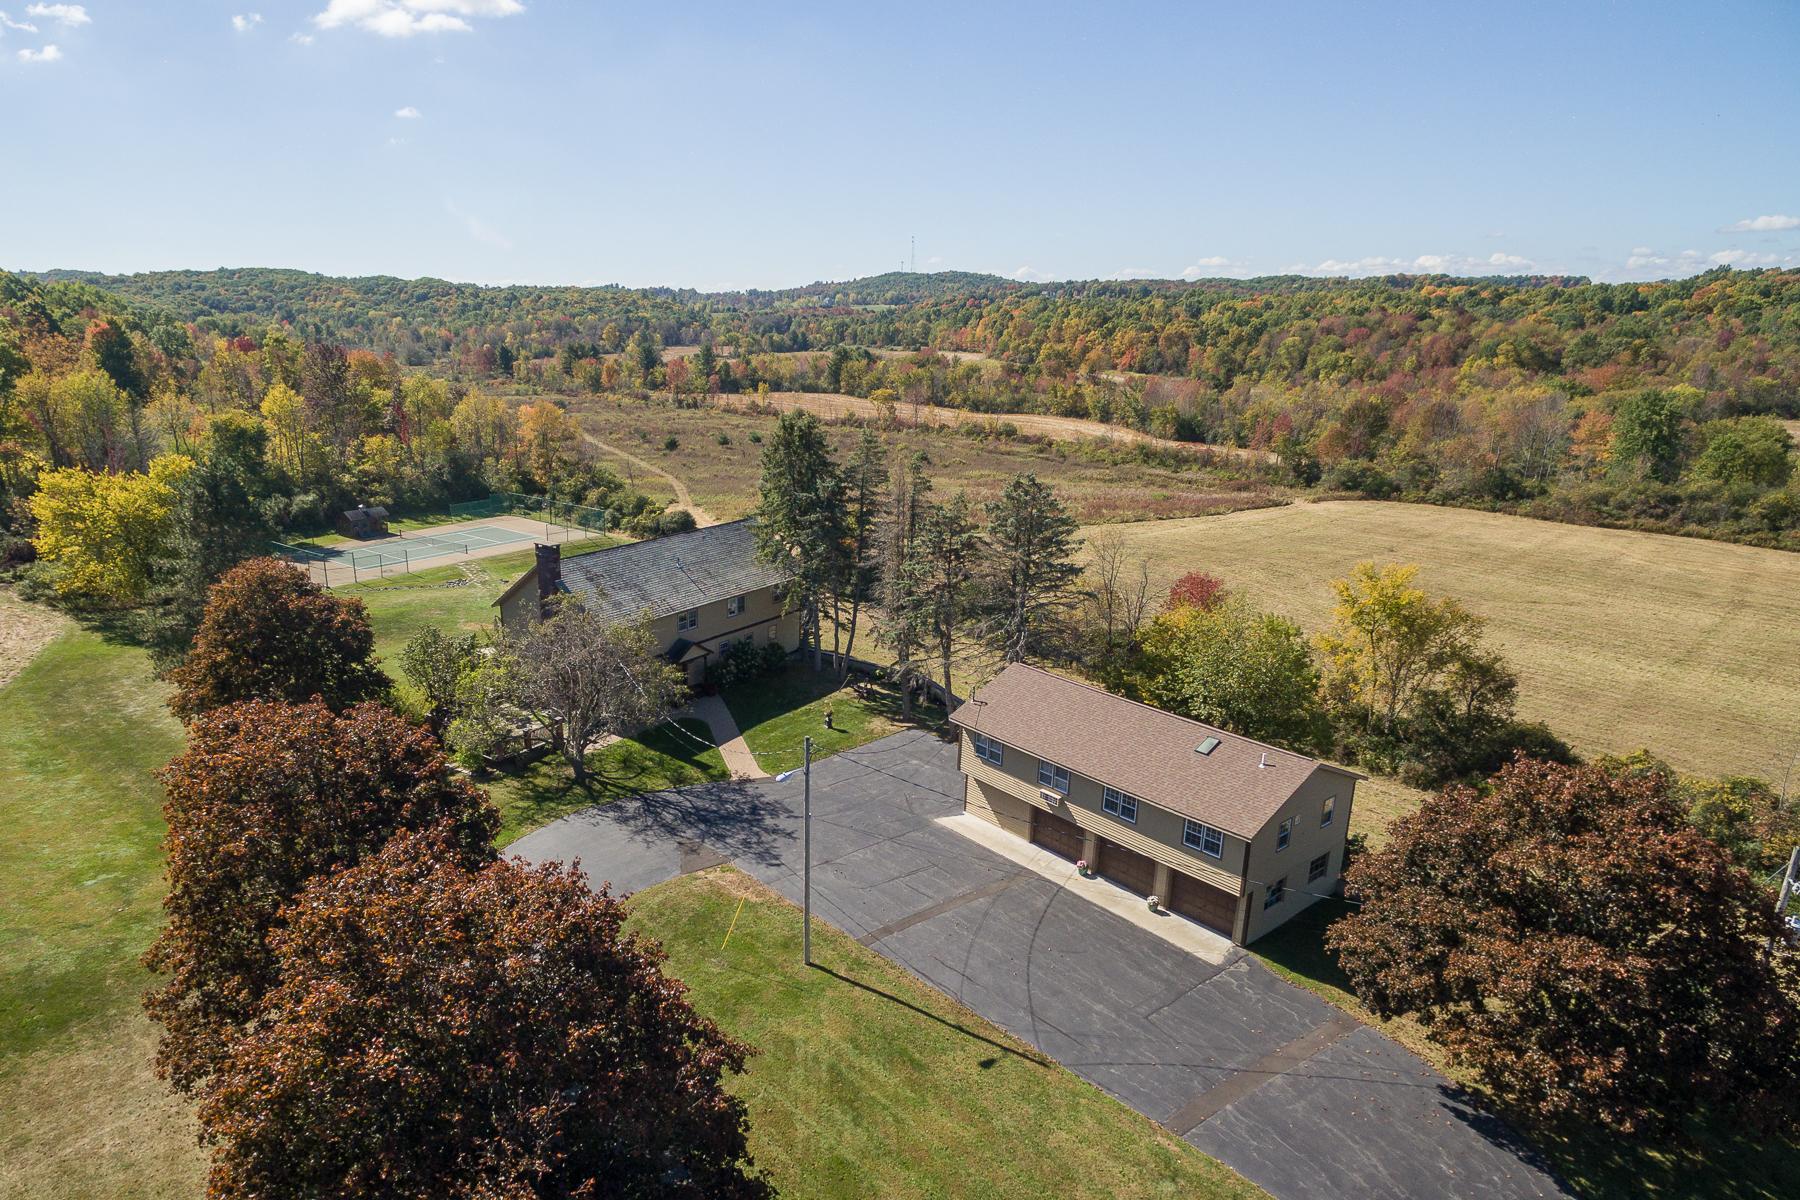 Частный односемейный дом для того Продажа на Custom Home on 67 Acres in Stillwater 411 Cedar Bluff Rd Stillwater, 12170 Соединенные Штаты